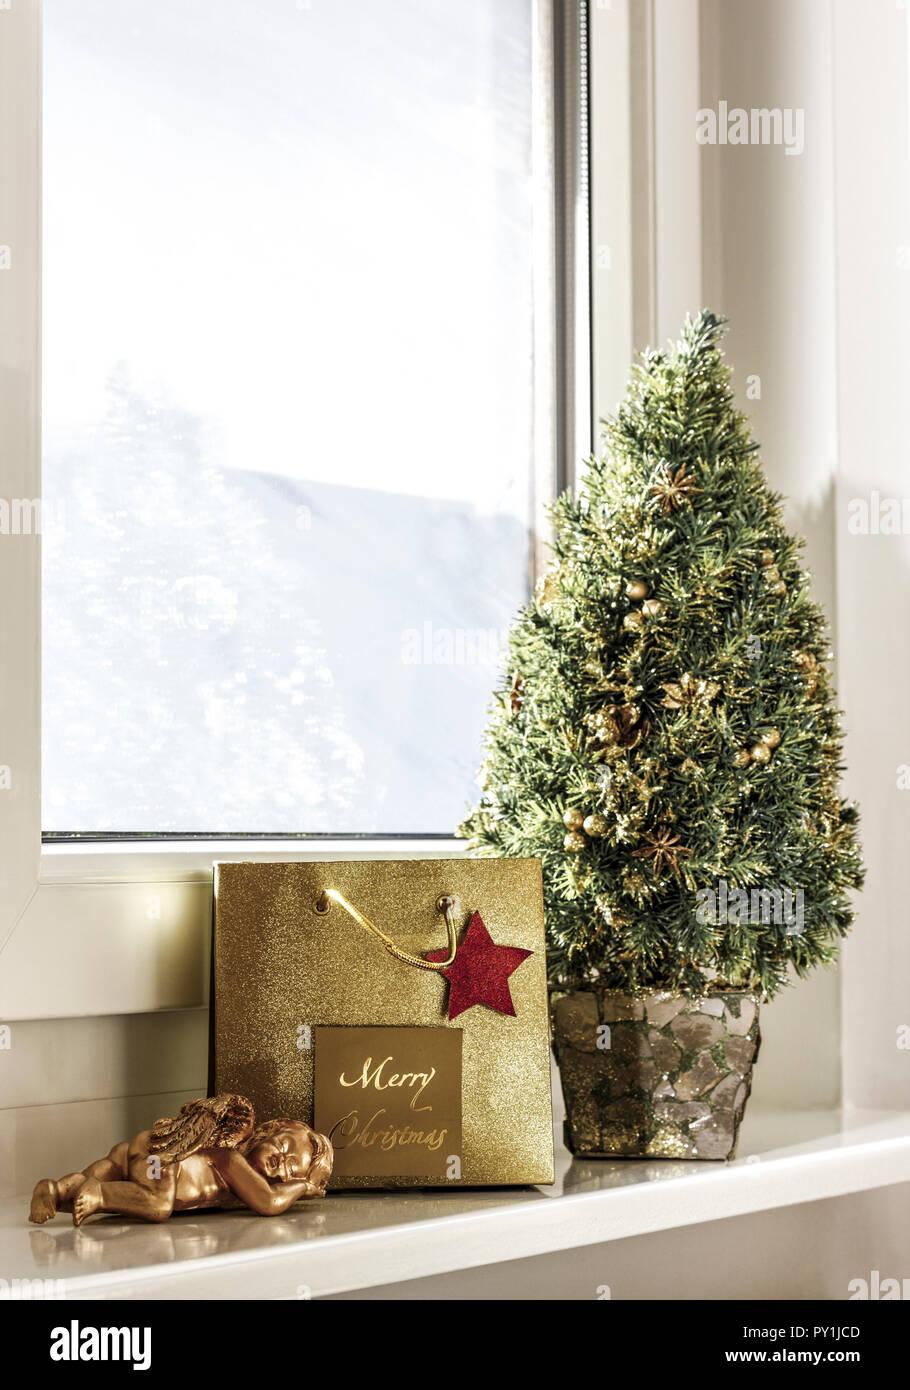 Weihnachtsdekoration Mit Kleinem Baeumchen Auf Fensterbrett Stock